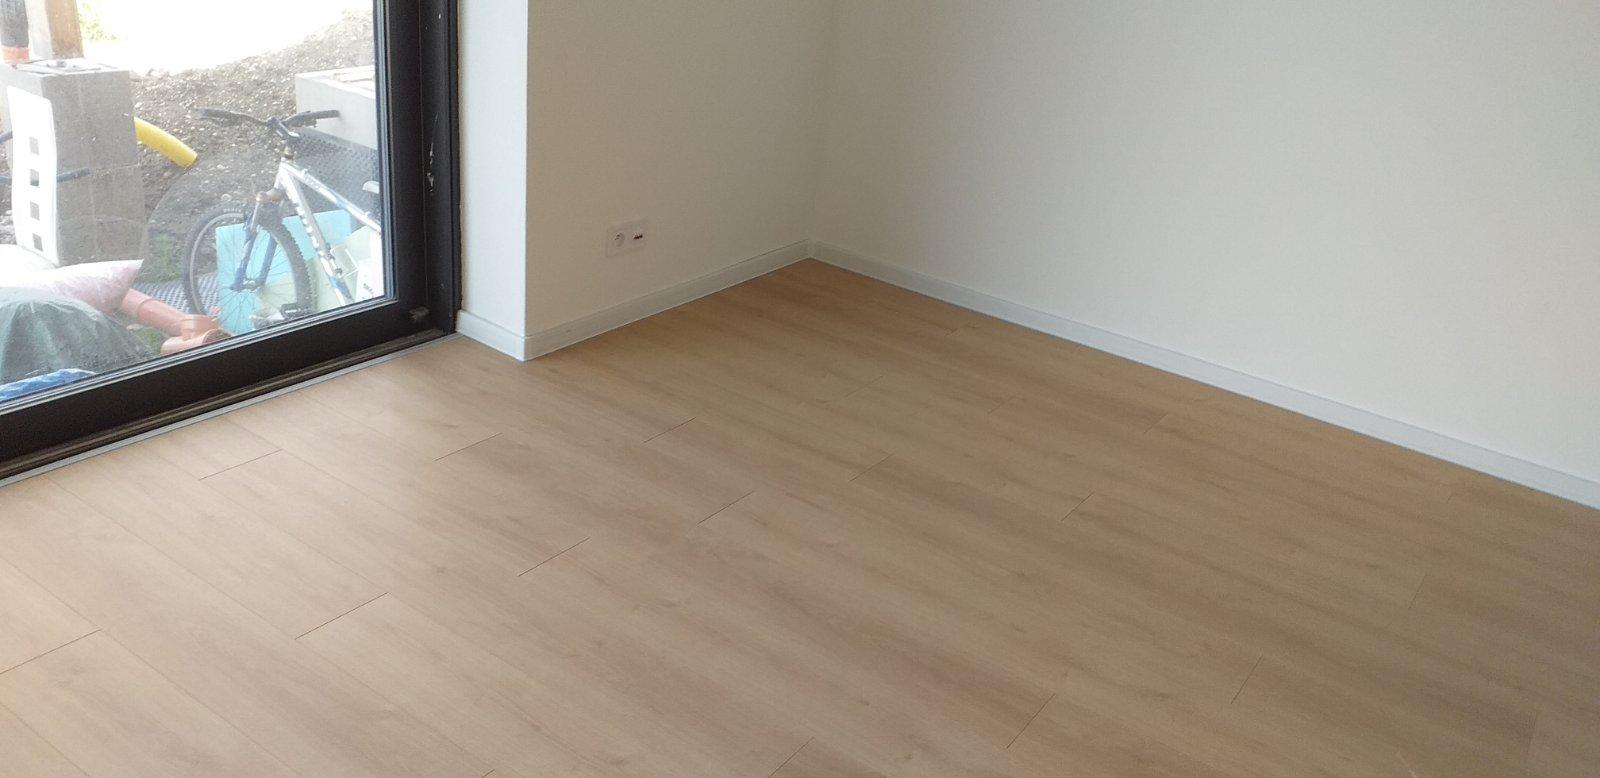 Laminátová podlaha - Obrázok č. 5